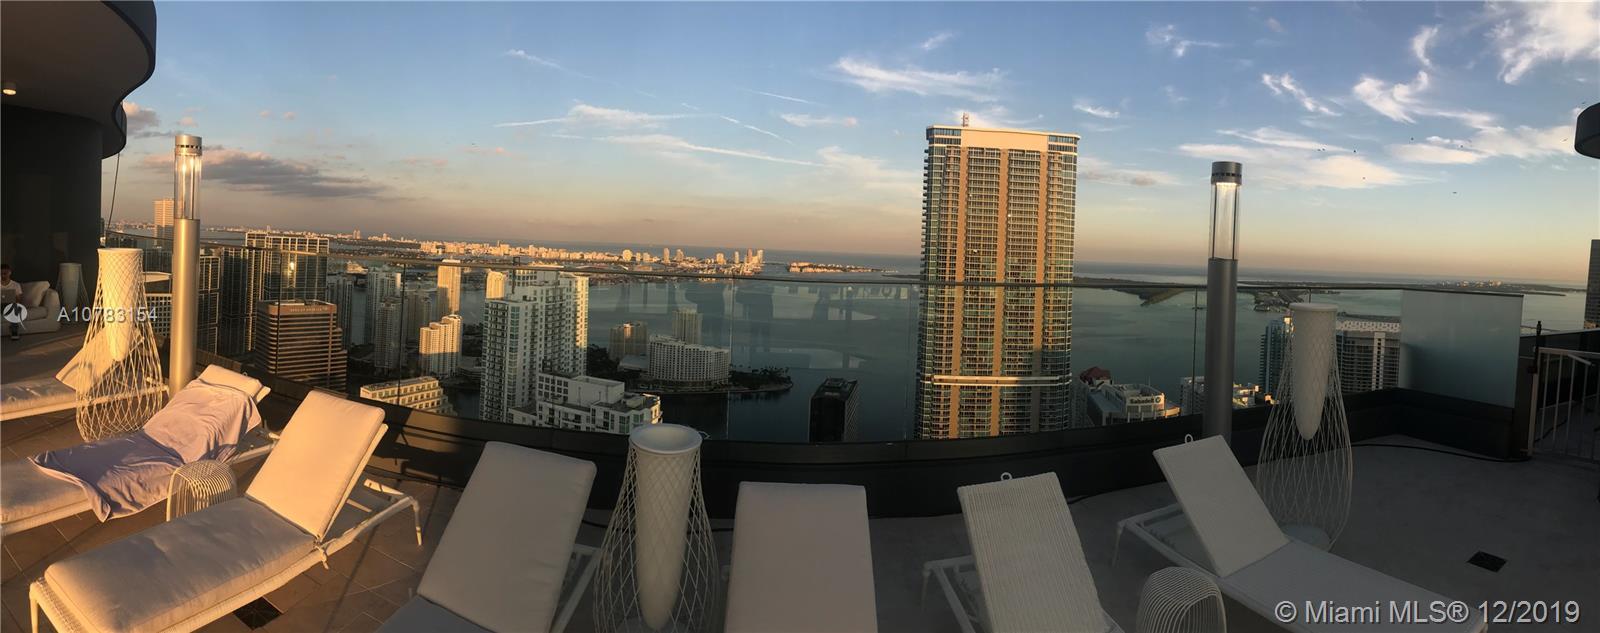 Photo - 1000 Brickell Ave # 2811, Miami FL 33131